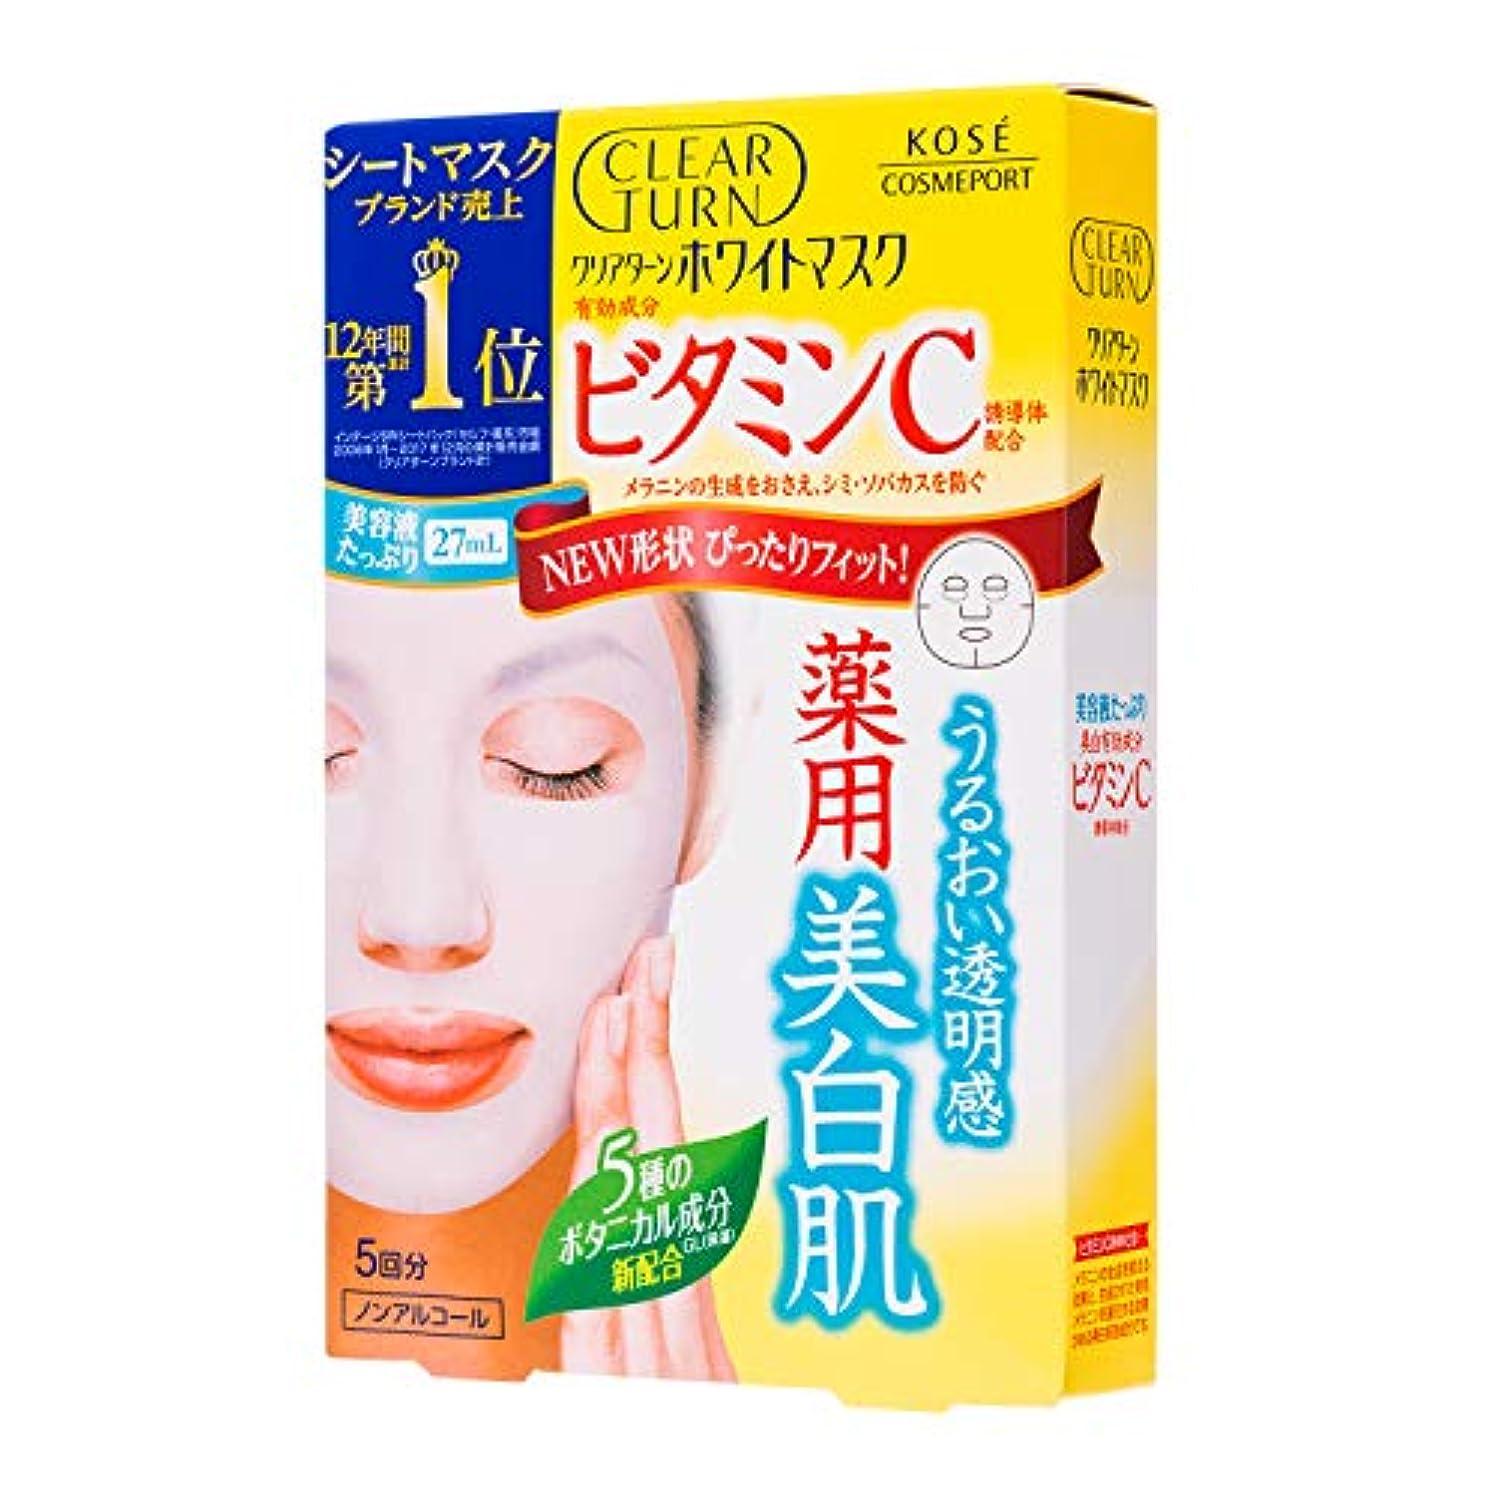 メロディーアウター先入観KOSE コーセー クリアターン ホワイト マスク VC (ビタミンC) 5枚 フェイスマスク